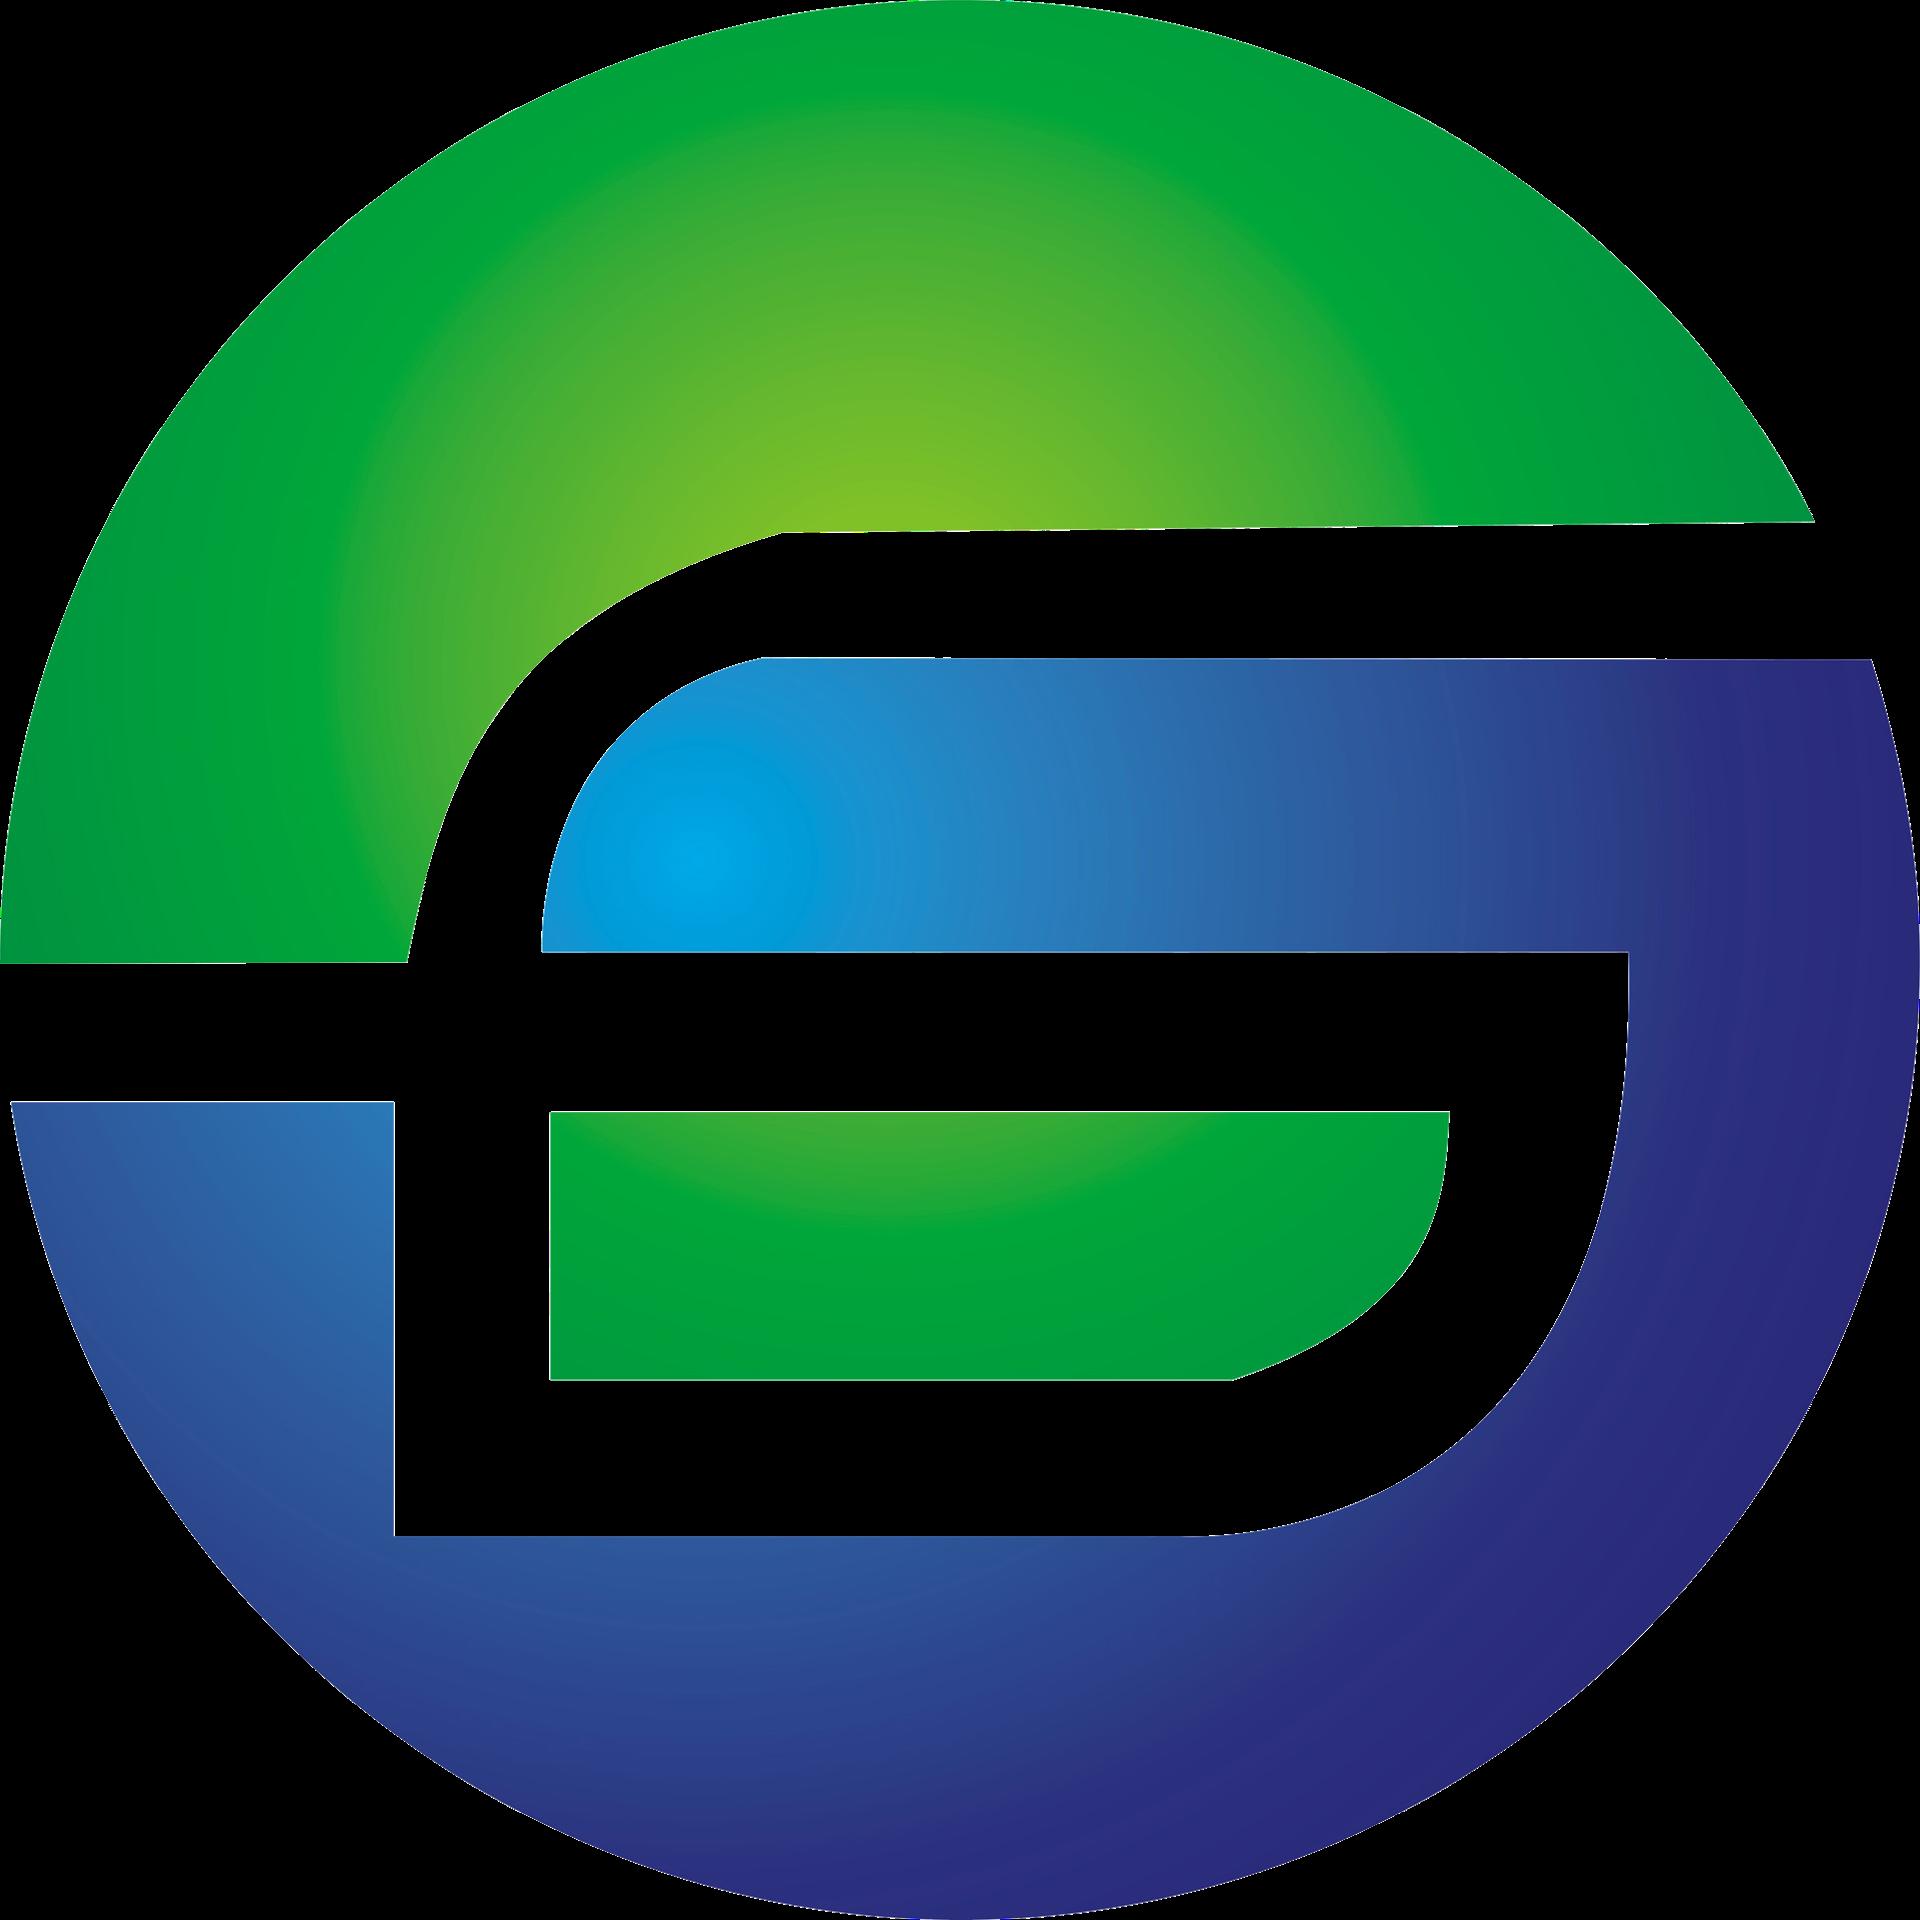 光德&#xf709物科技有限公司实习招聘